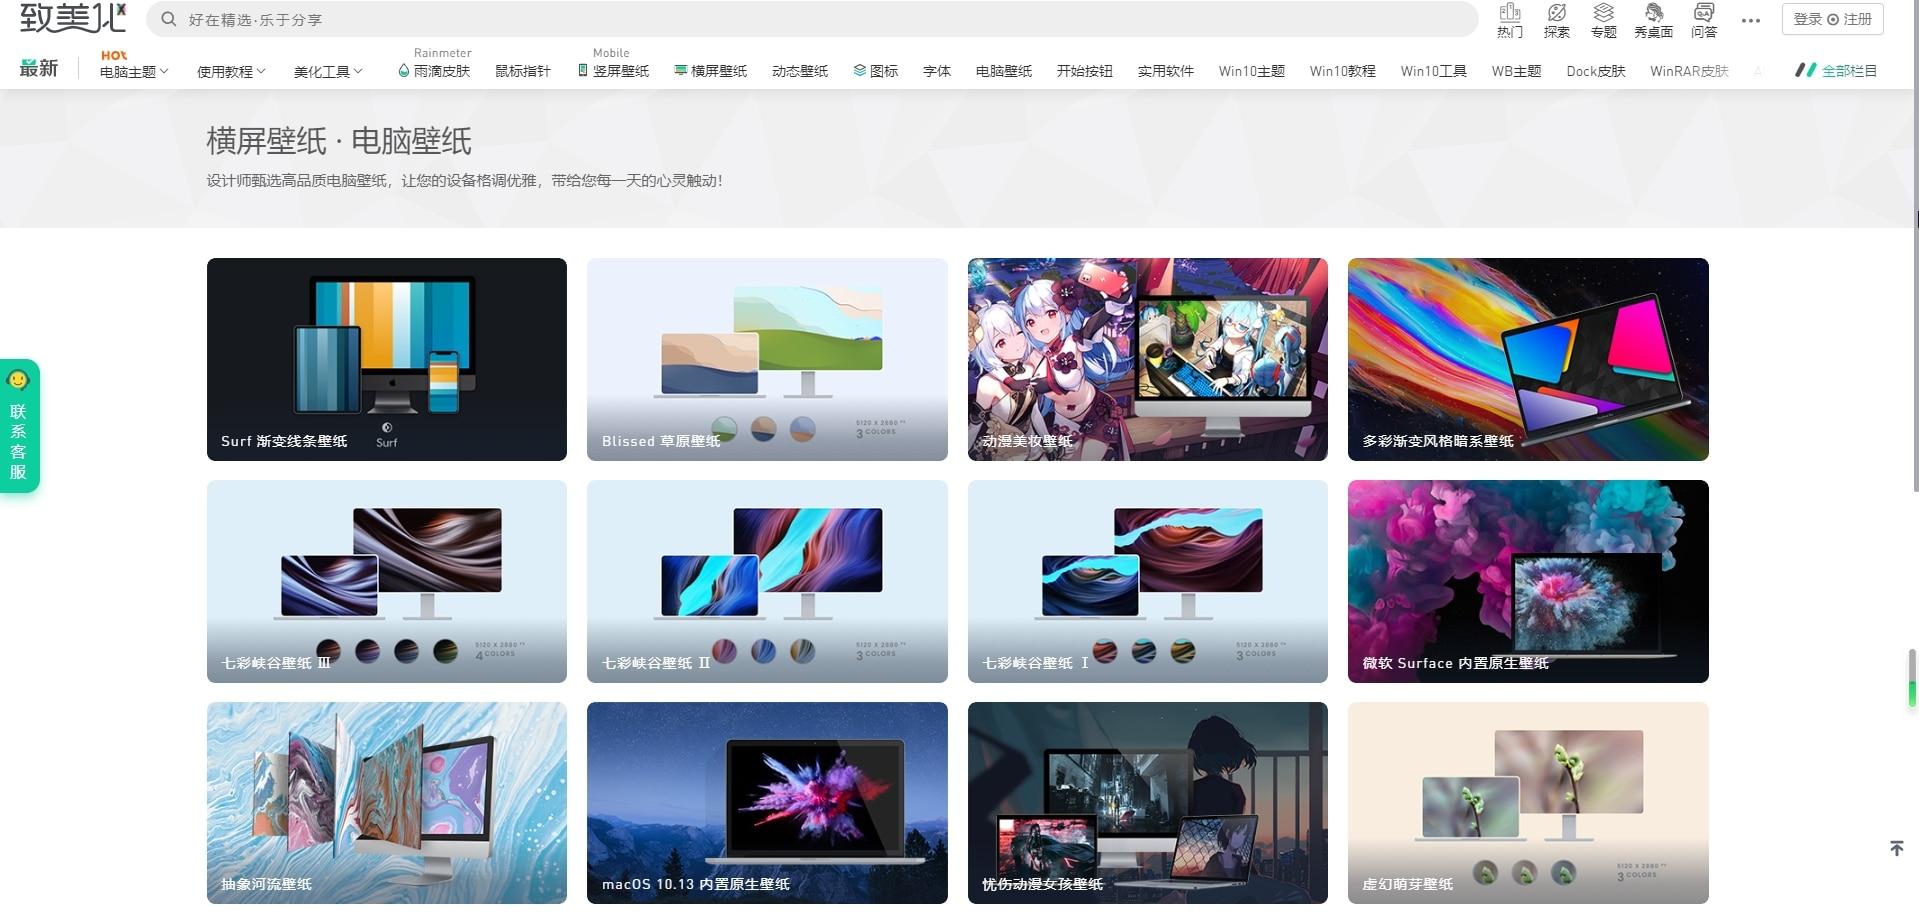 一个美化专业的Windows桌面美化网站